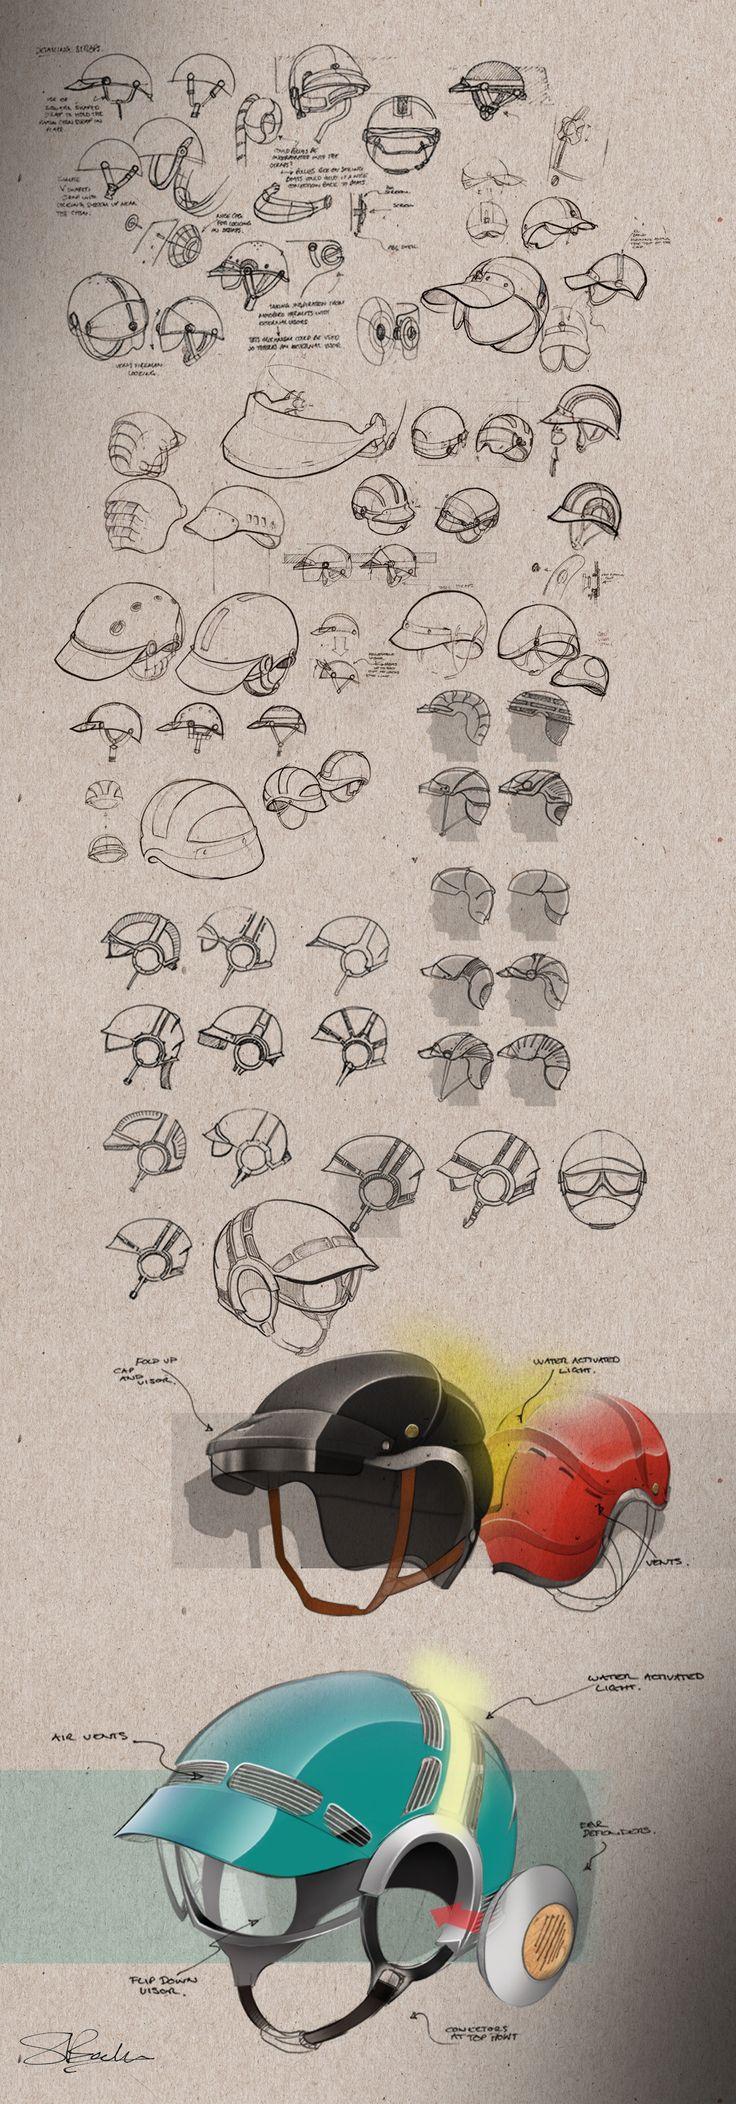 Concepts - Retro Sailing Helmet